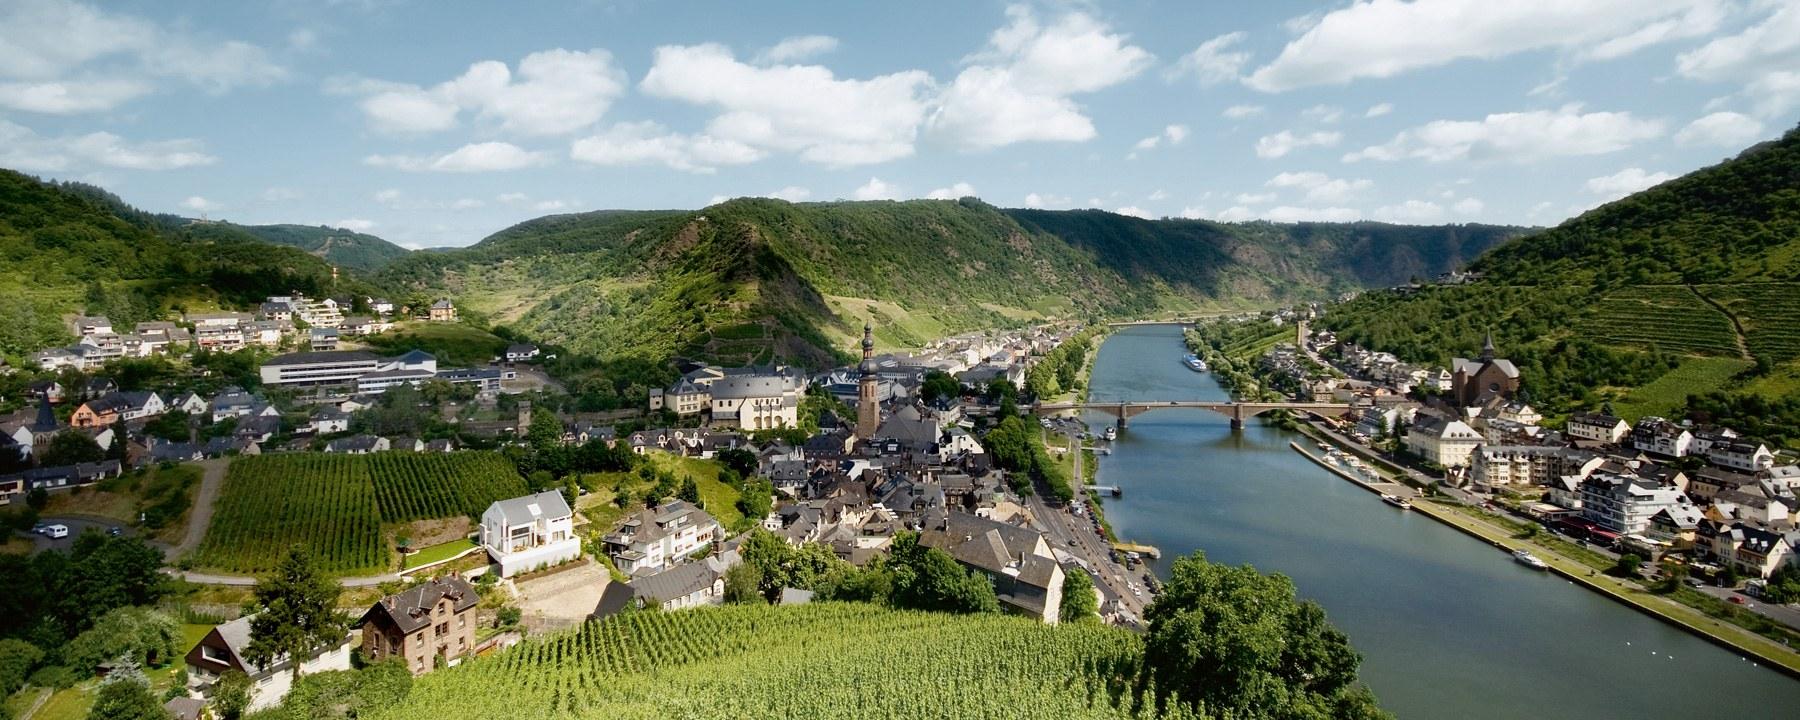 7 Nächte ab Köln, Koblenz, Mainz, Rüdesheim, Bernkastel-Kues und Trier-Mehring nach Cochem.